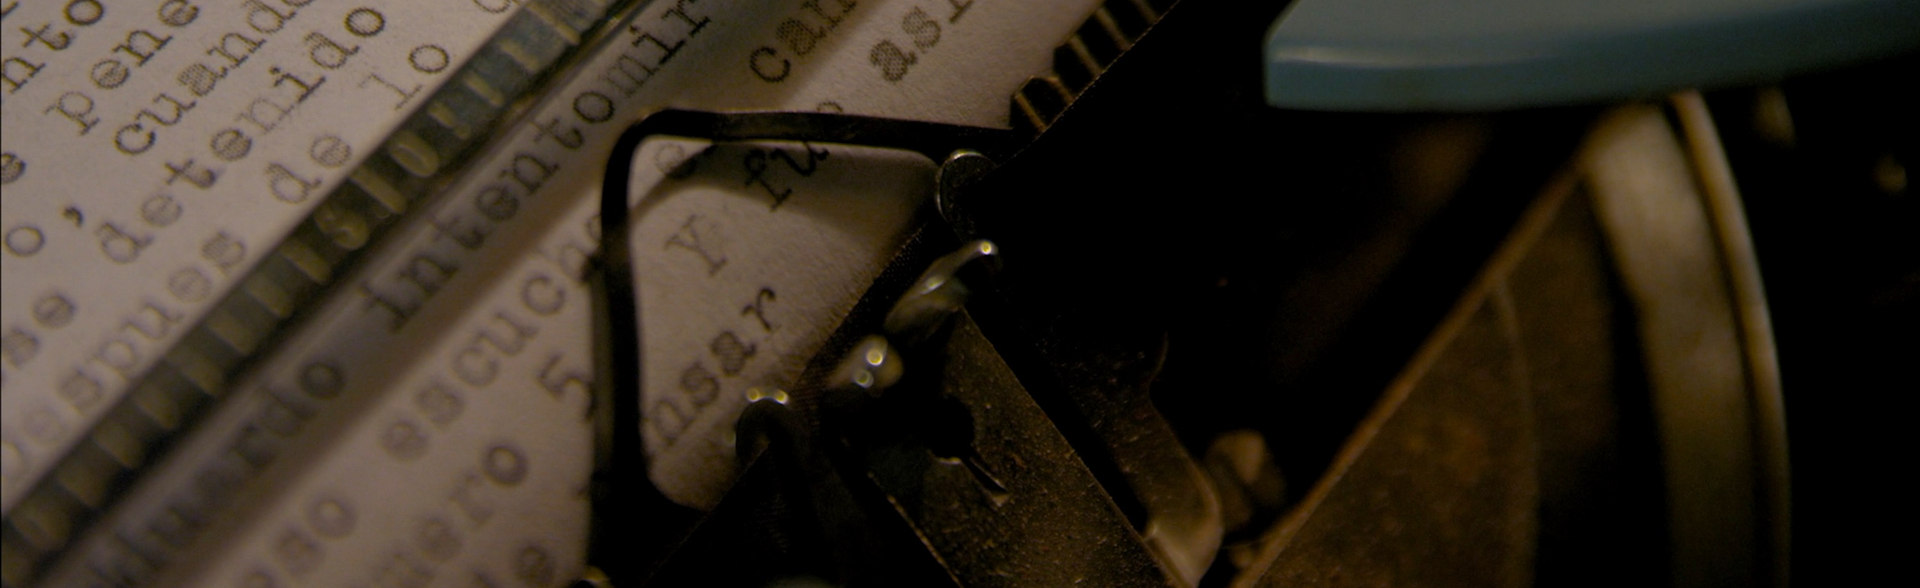 TYPEWRITER TEASER.m4v